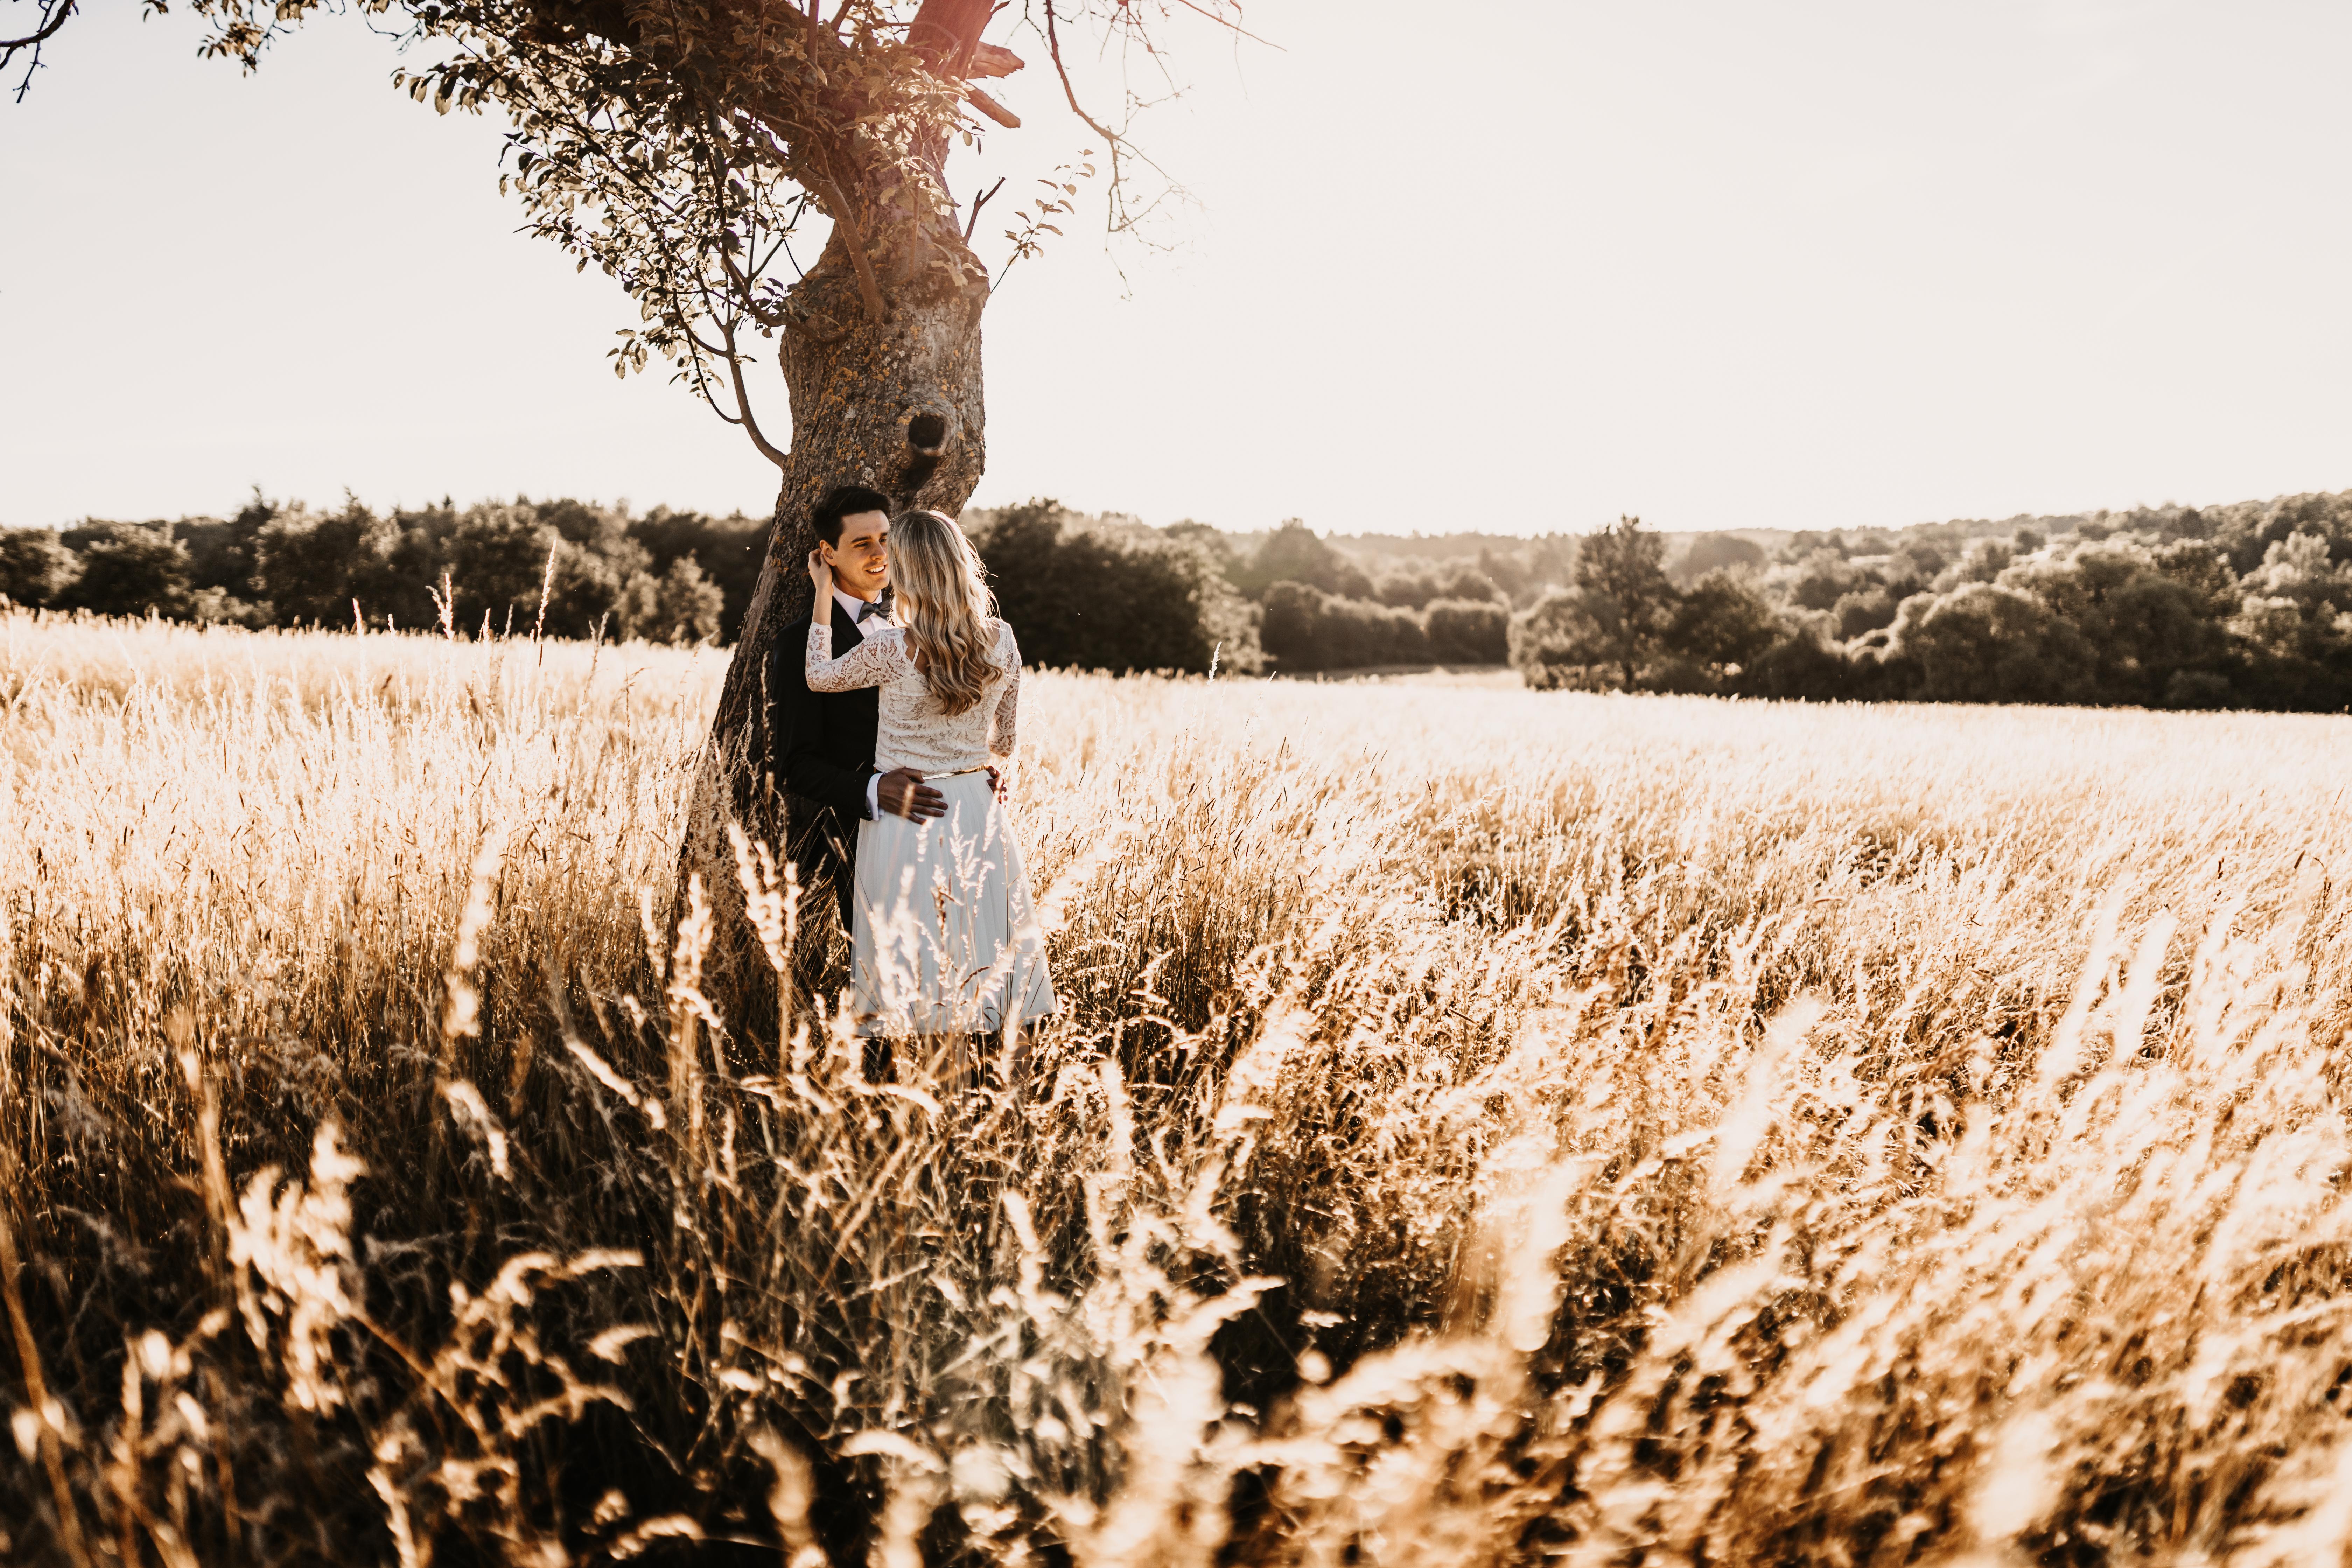 Hochzeitsfotograf Saarland - Fotograf Kai Kreutzer 10020 Saarbrücken, Saarlouis, Merzig, St. Wendel 28